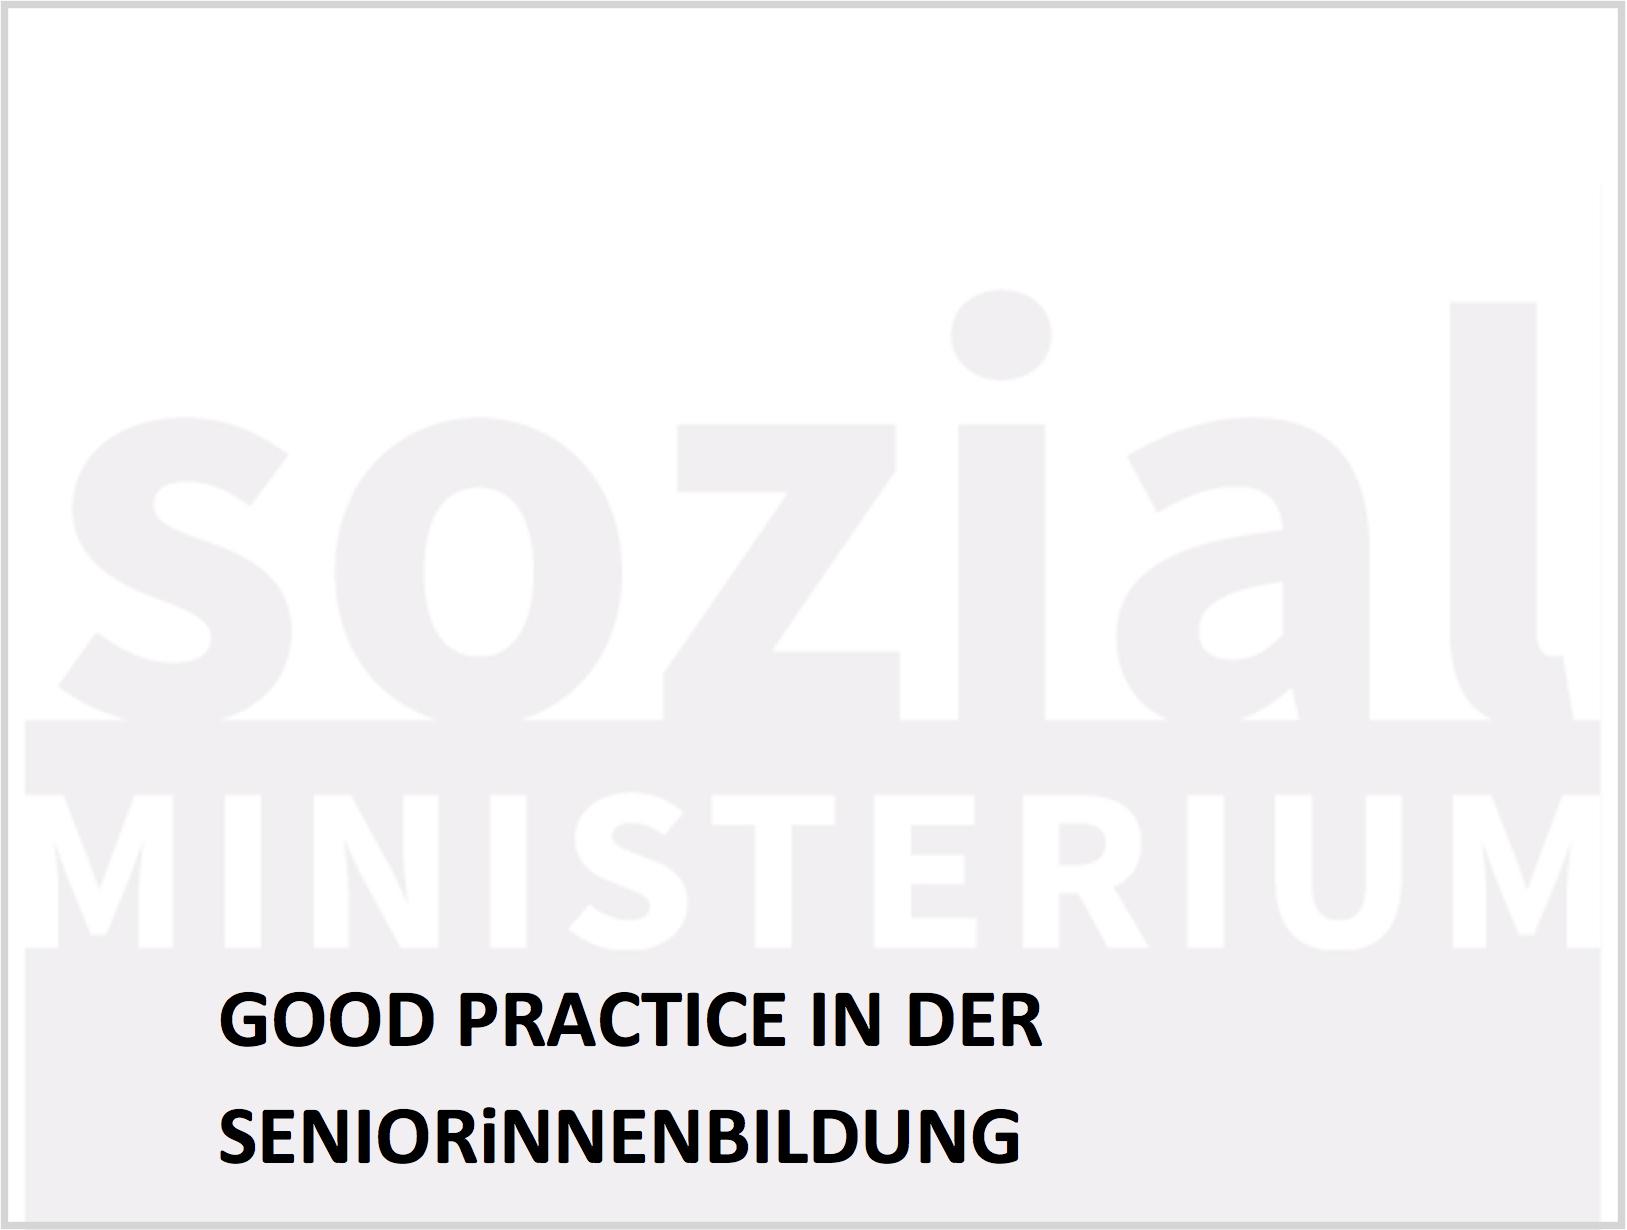 Sozial Ministerium Good Practice 2016